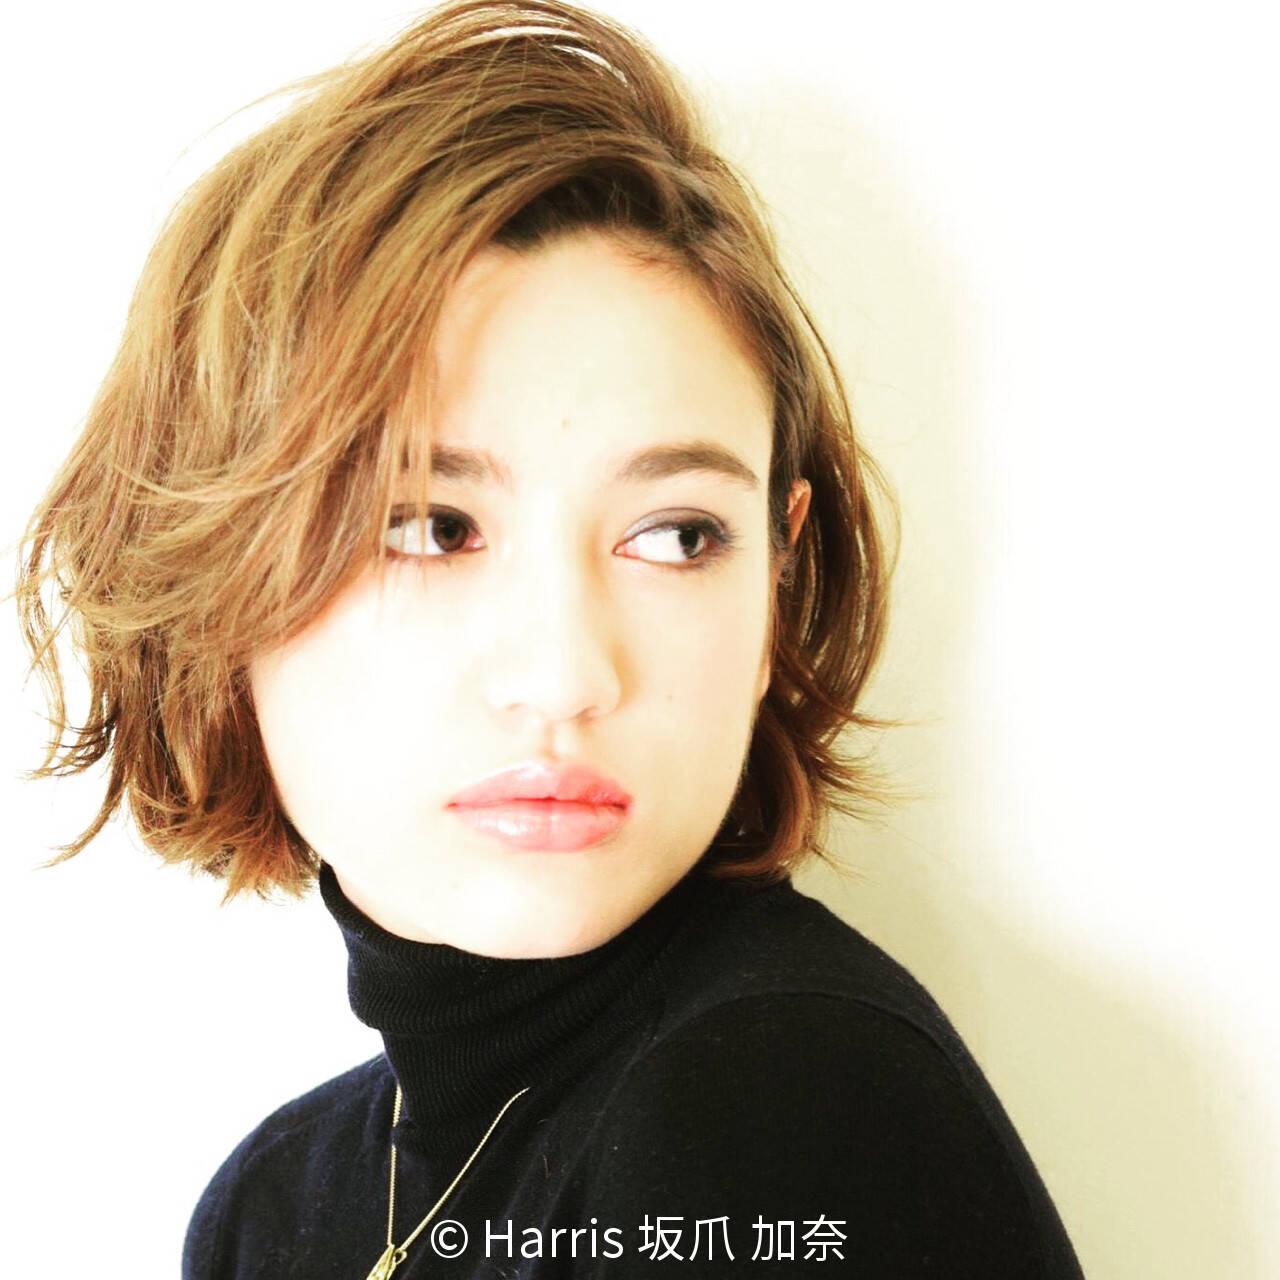 モード ハイライト グラデーションカラー アッシュヘアスタイルや髪型の写真・画像